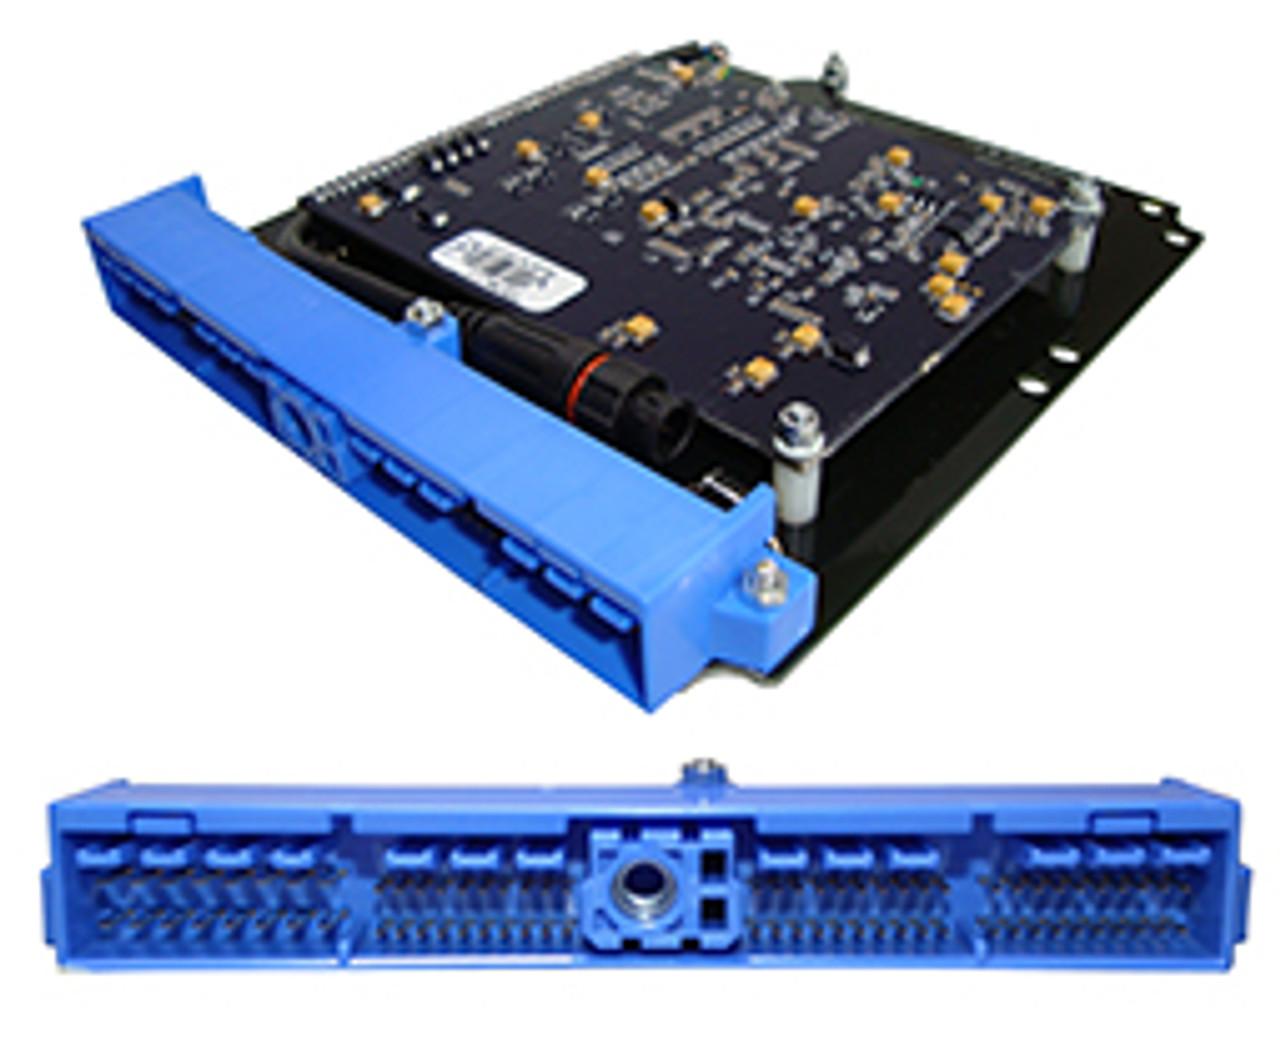 Link G4+ Link Plugin 76 pin ECU for Nissan S14 SR20DET / S13 CA18DET